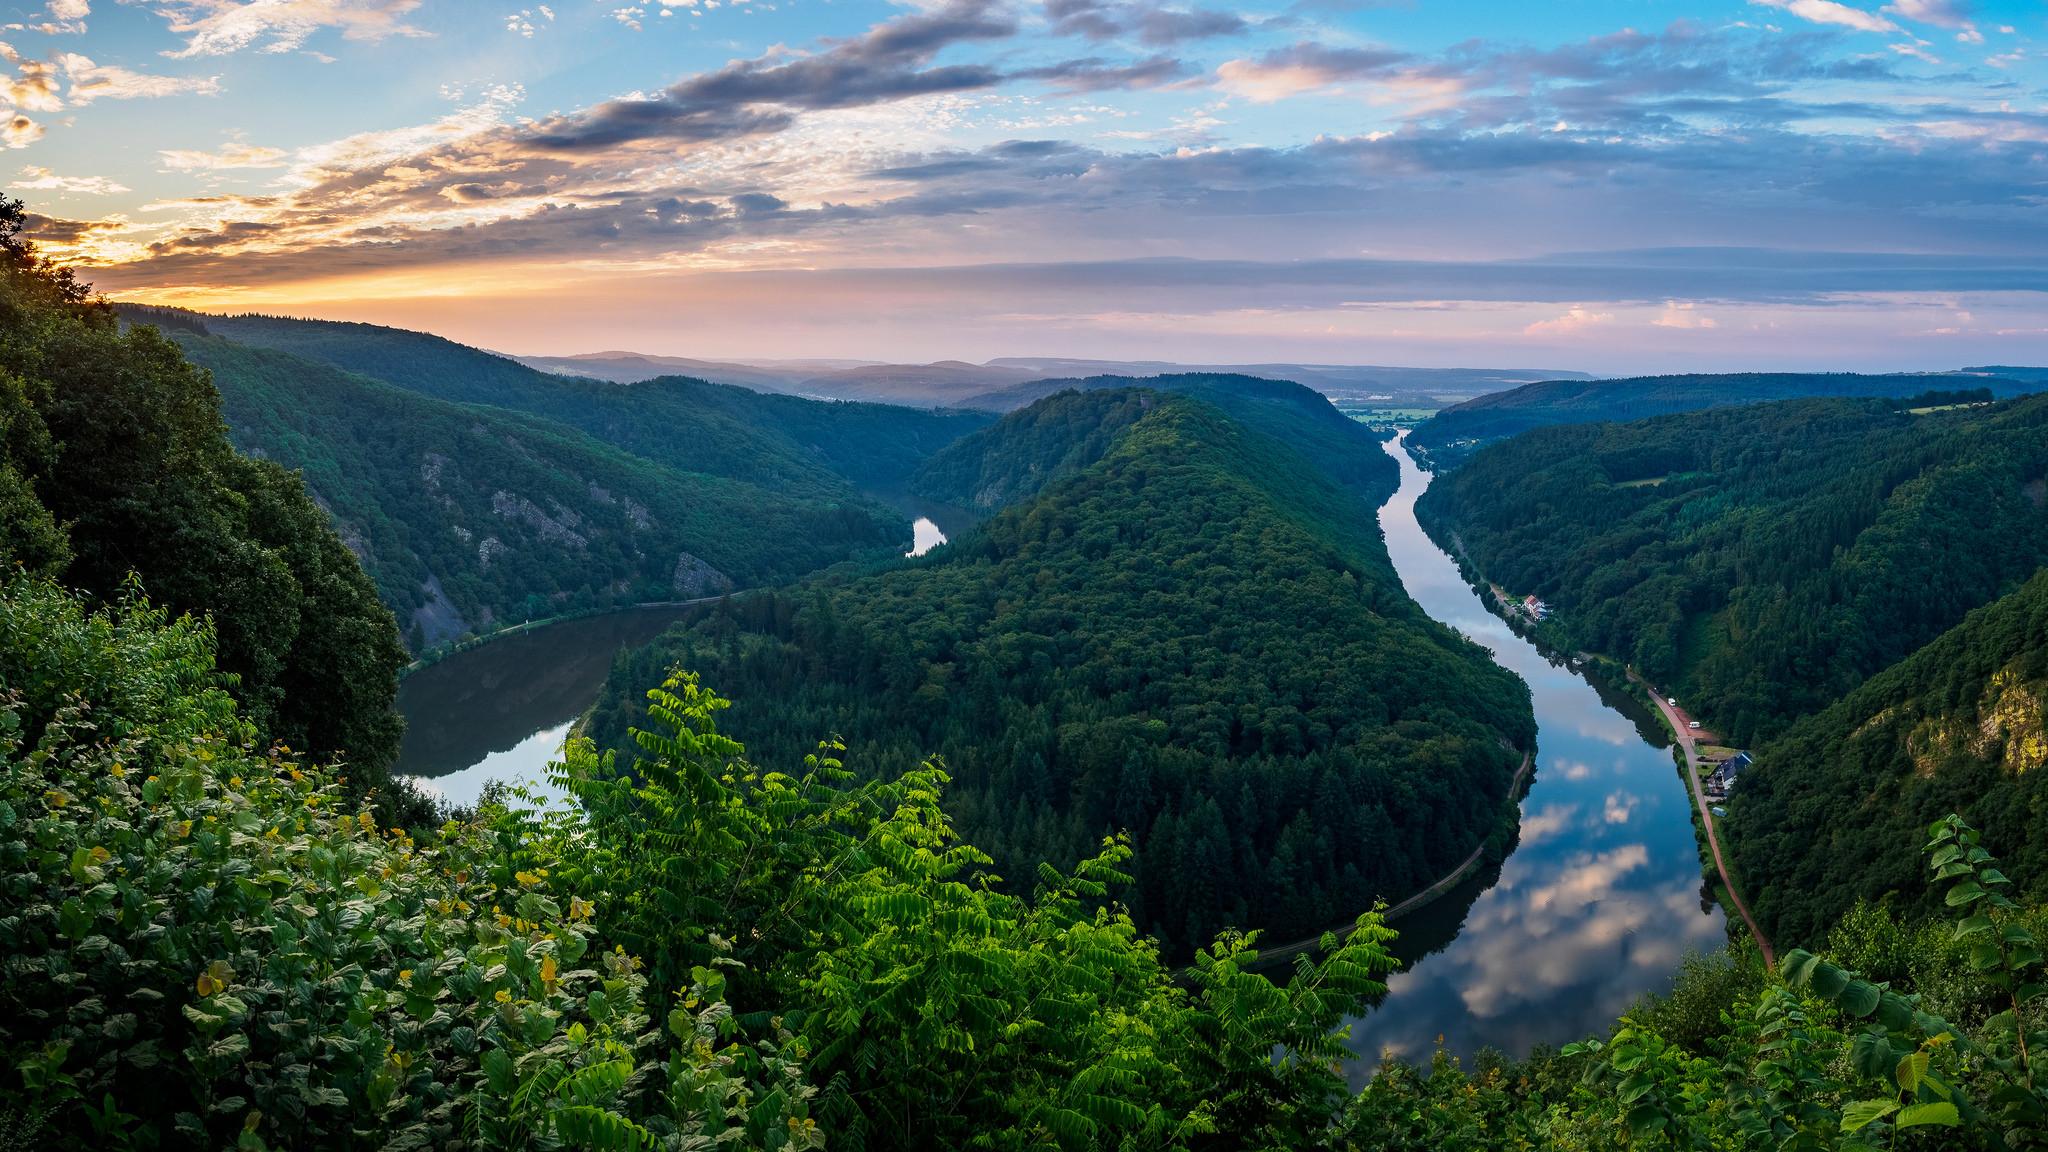 обои Германия, подкова, Восход, река картинки фото